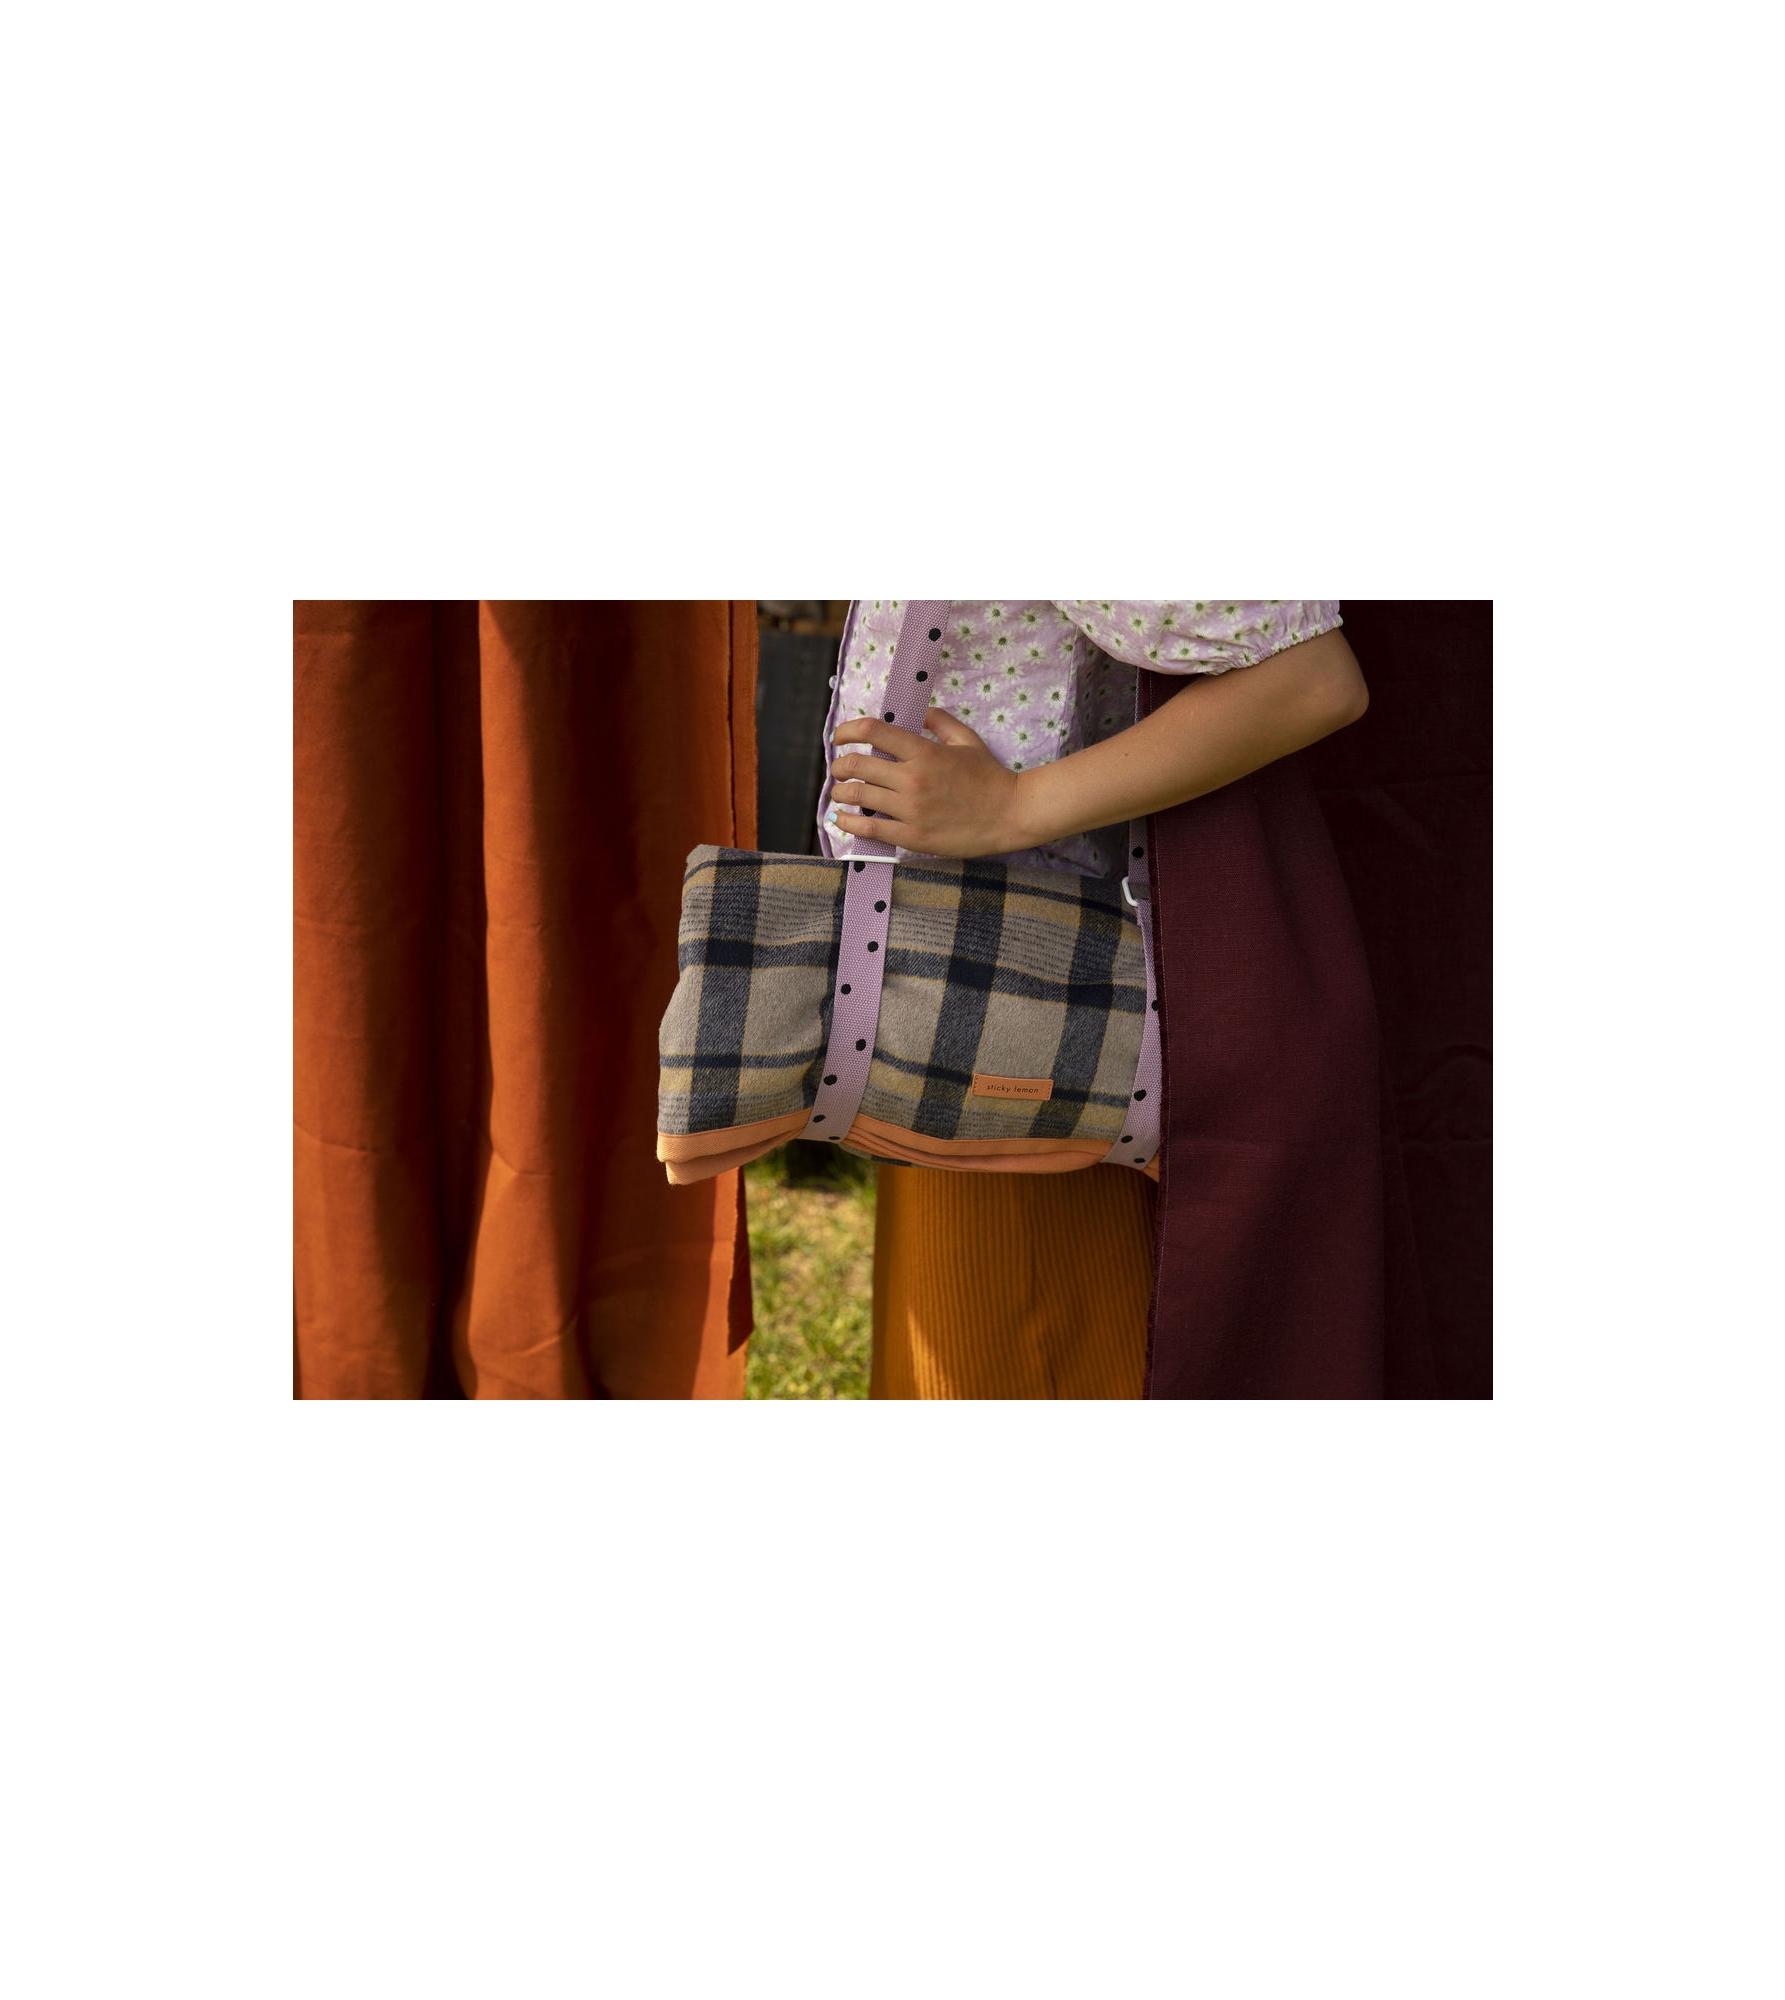 1801770 - Sticky Lemon - picnic blanket - wanderer - sandy beige checks - style shot 02.jpg